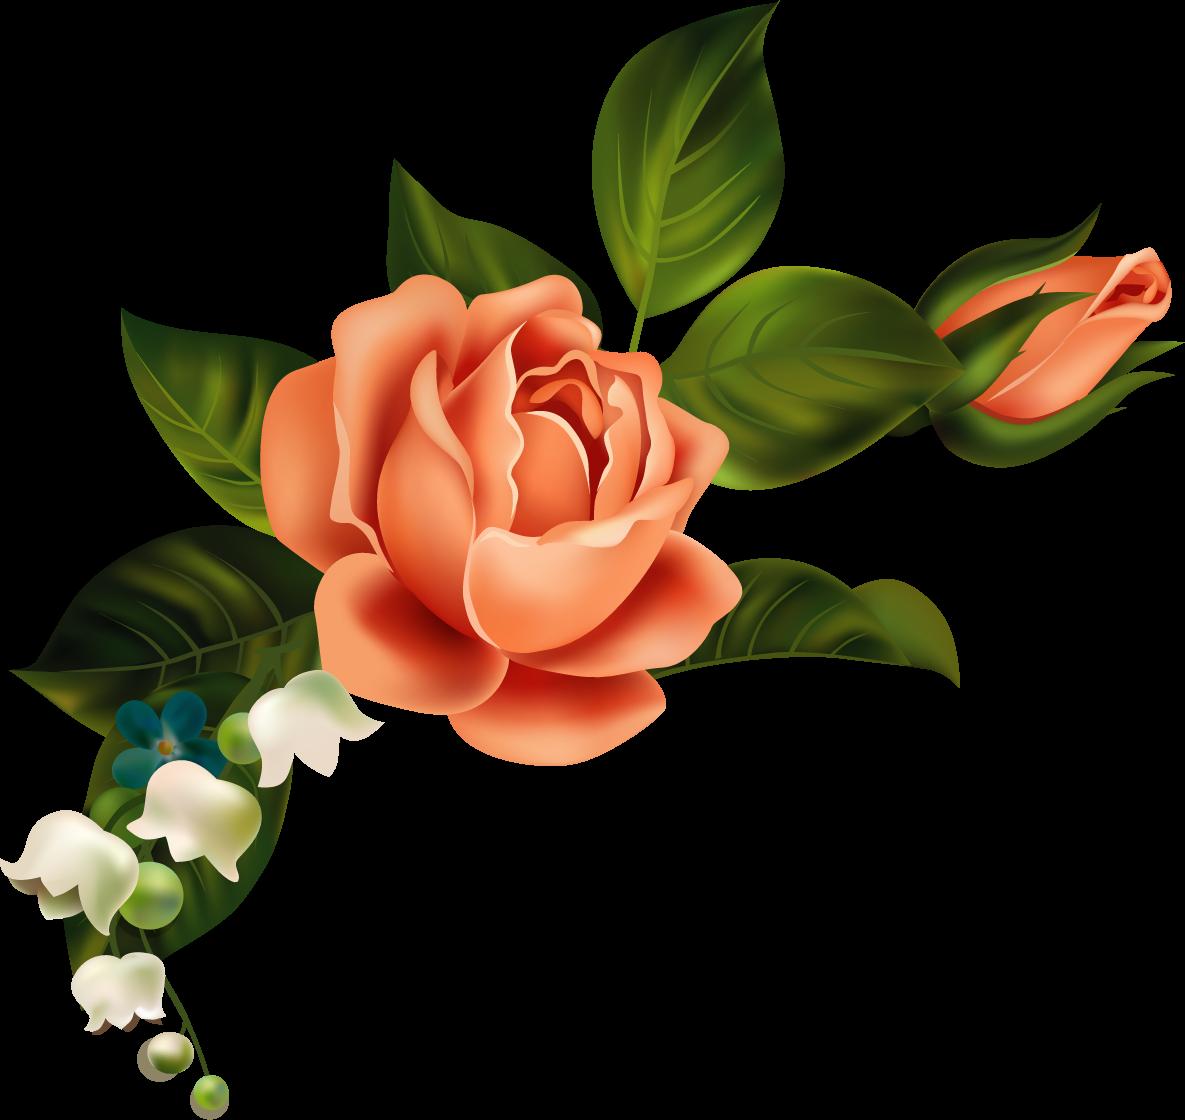 Ru e category svet. Scrapbook clipart modern flower